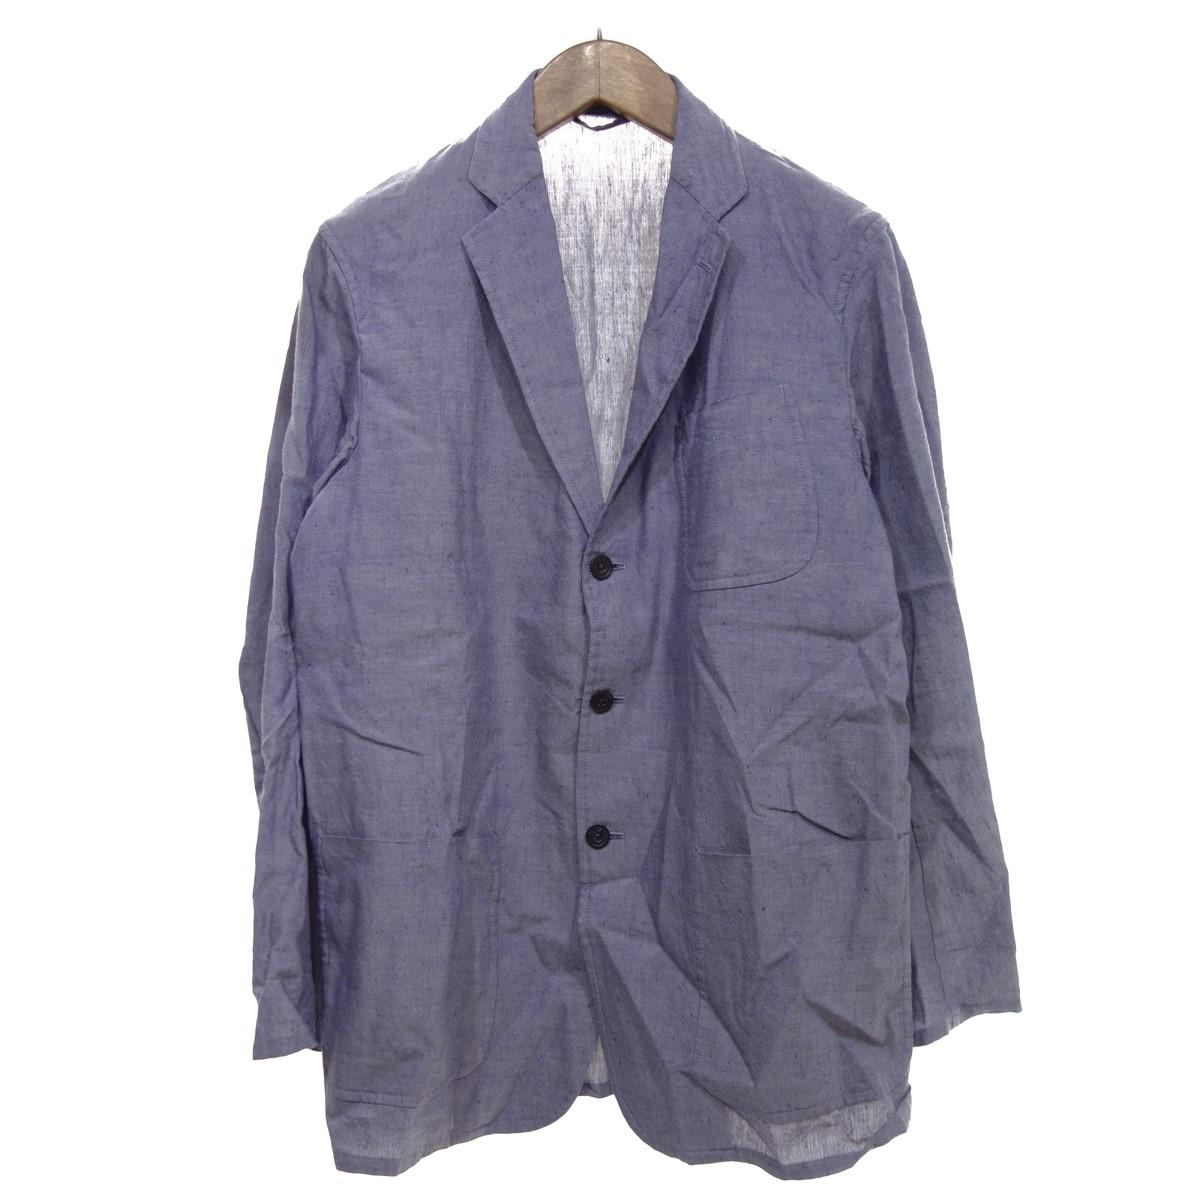 【中古】COMOLI 【2015S/S】 リネン×ウール3Bジャケット ブルー系 サイズ:1 【270320】(コモリ)